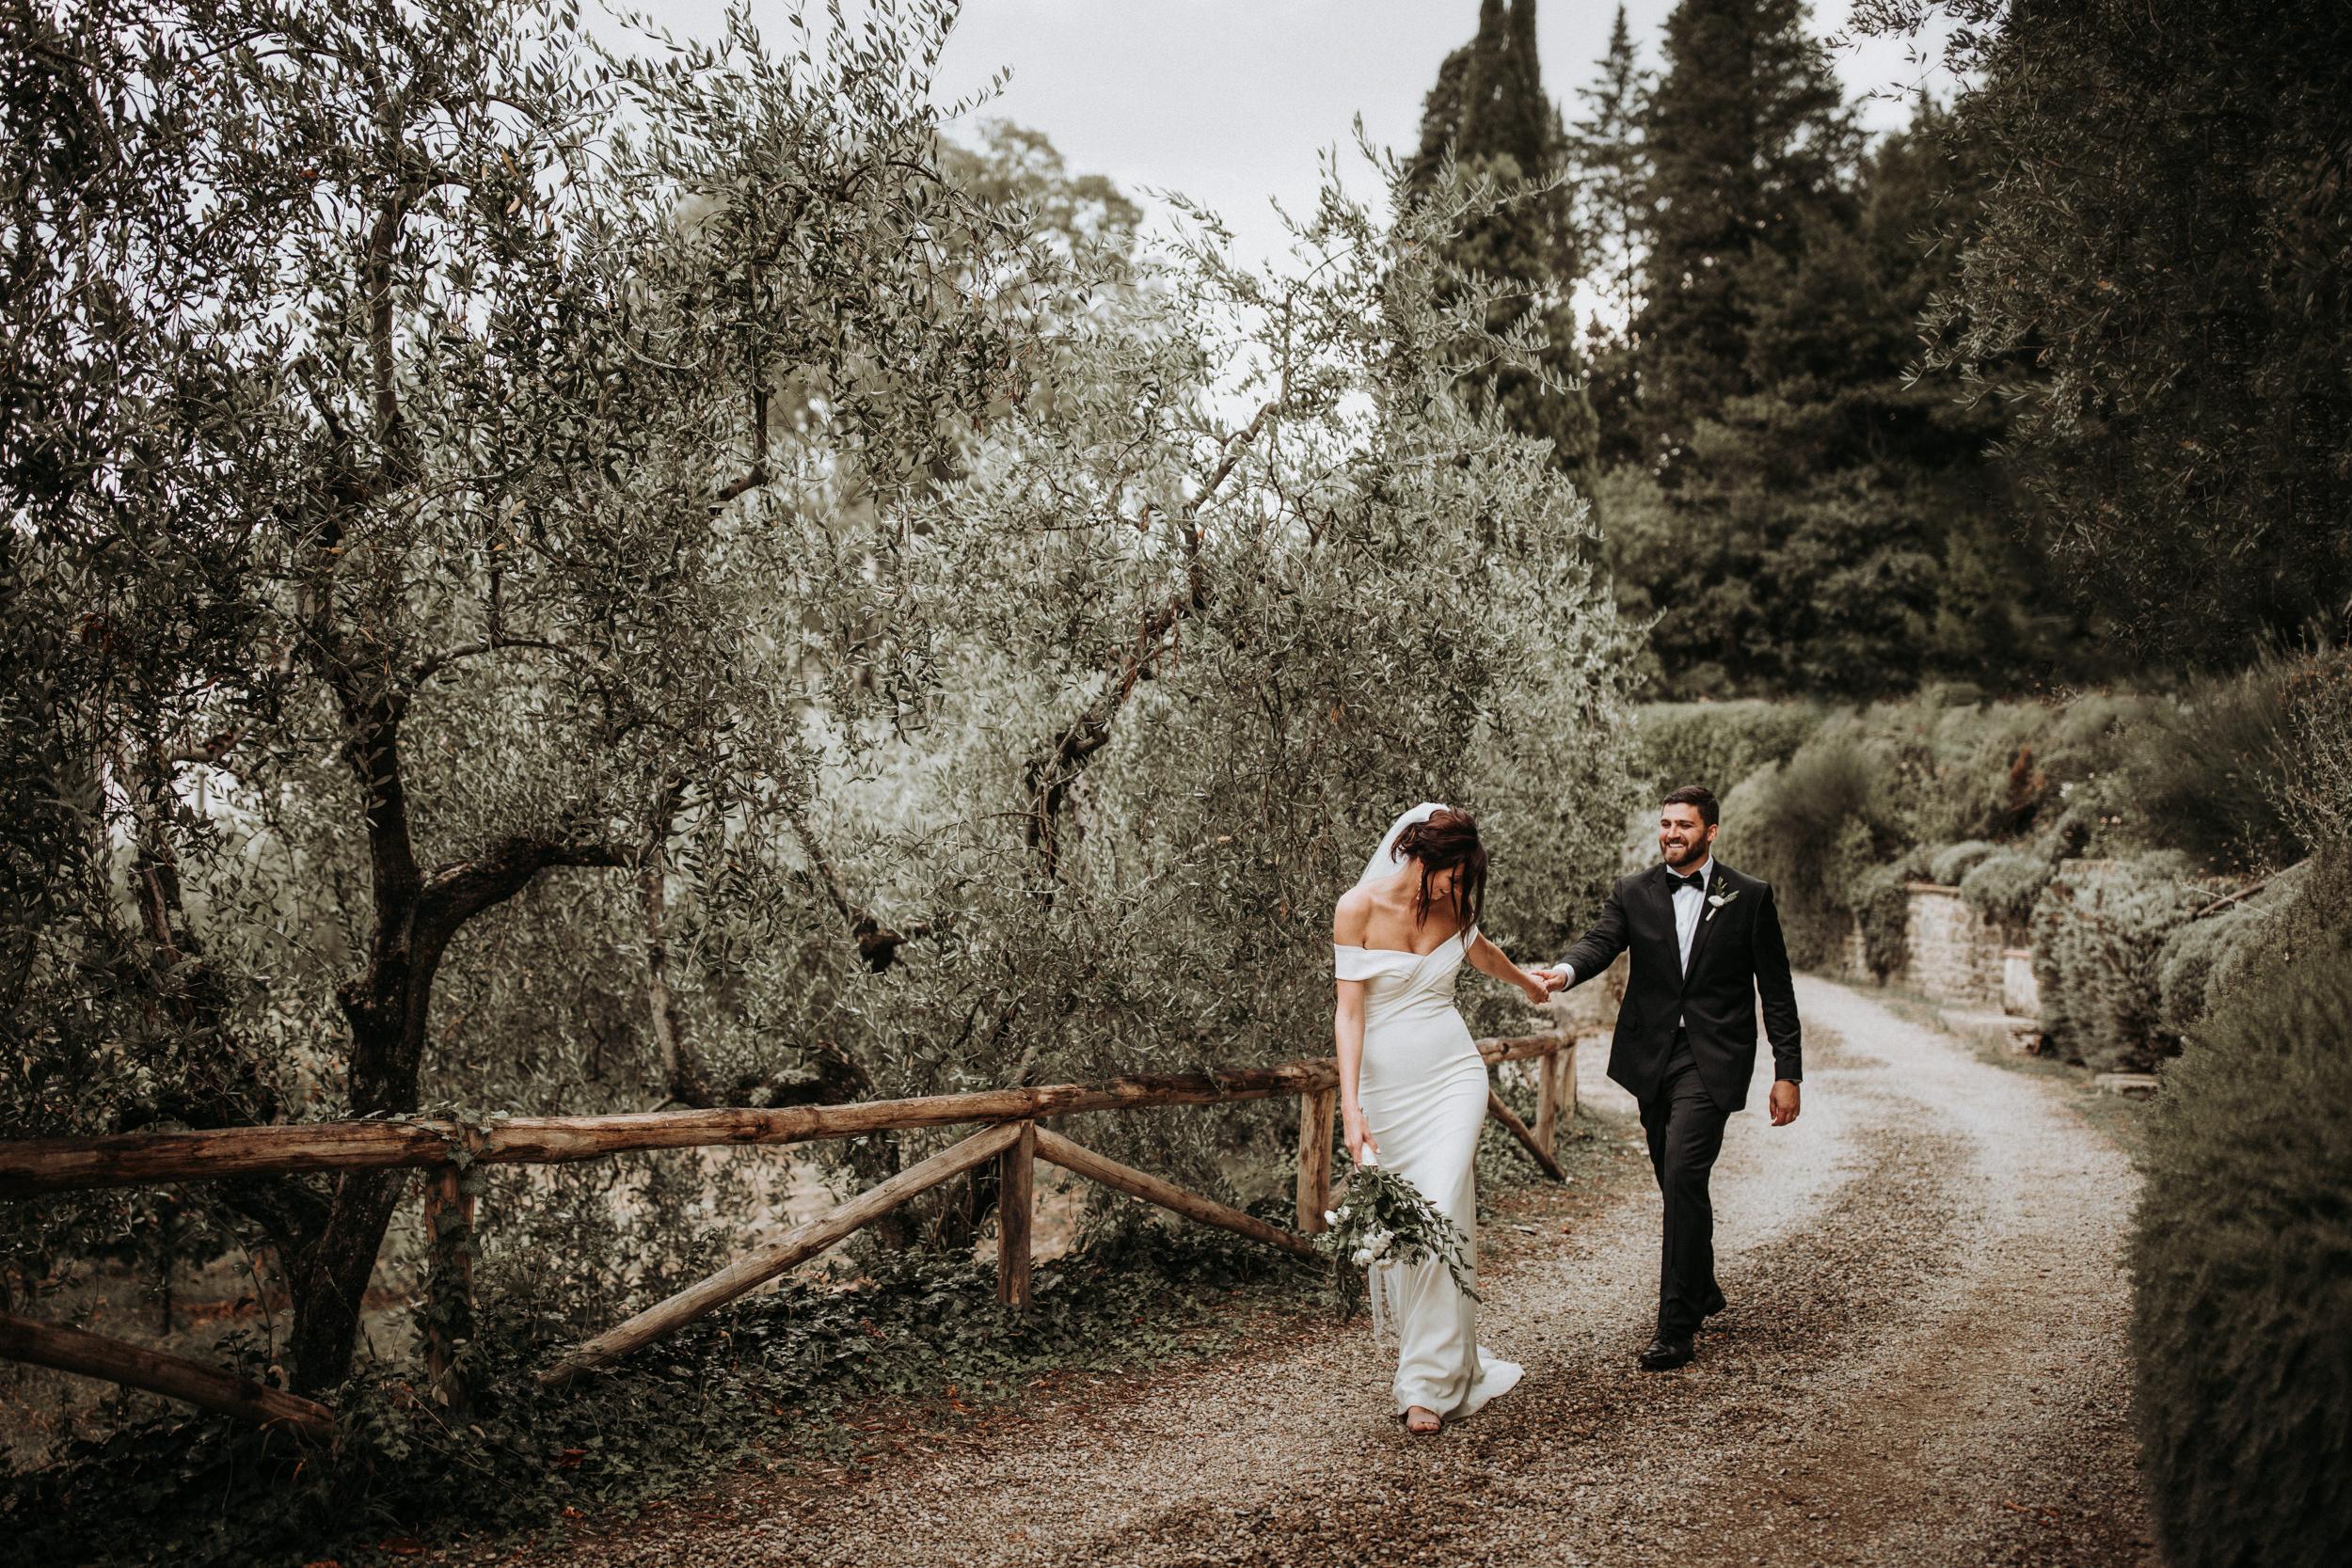 dm_photography_KW_Tuscanyweddingday_300